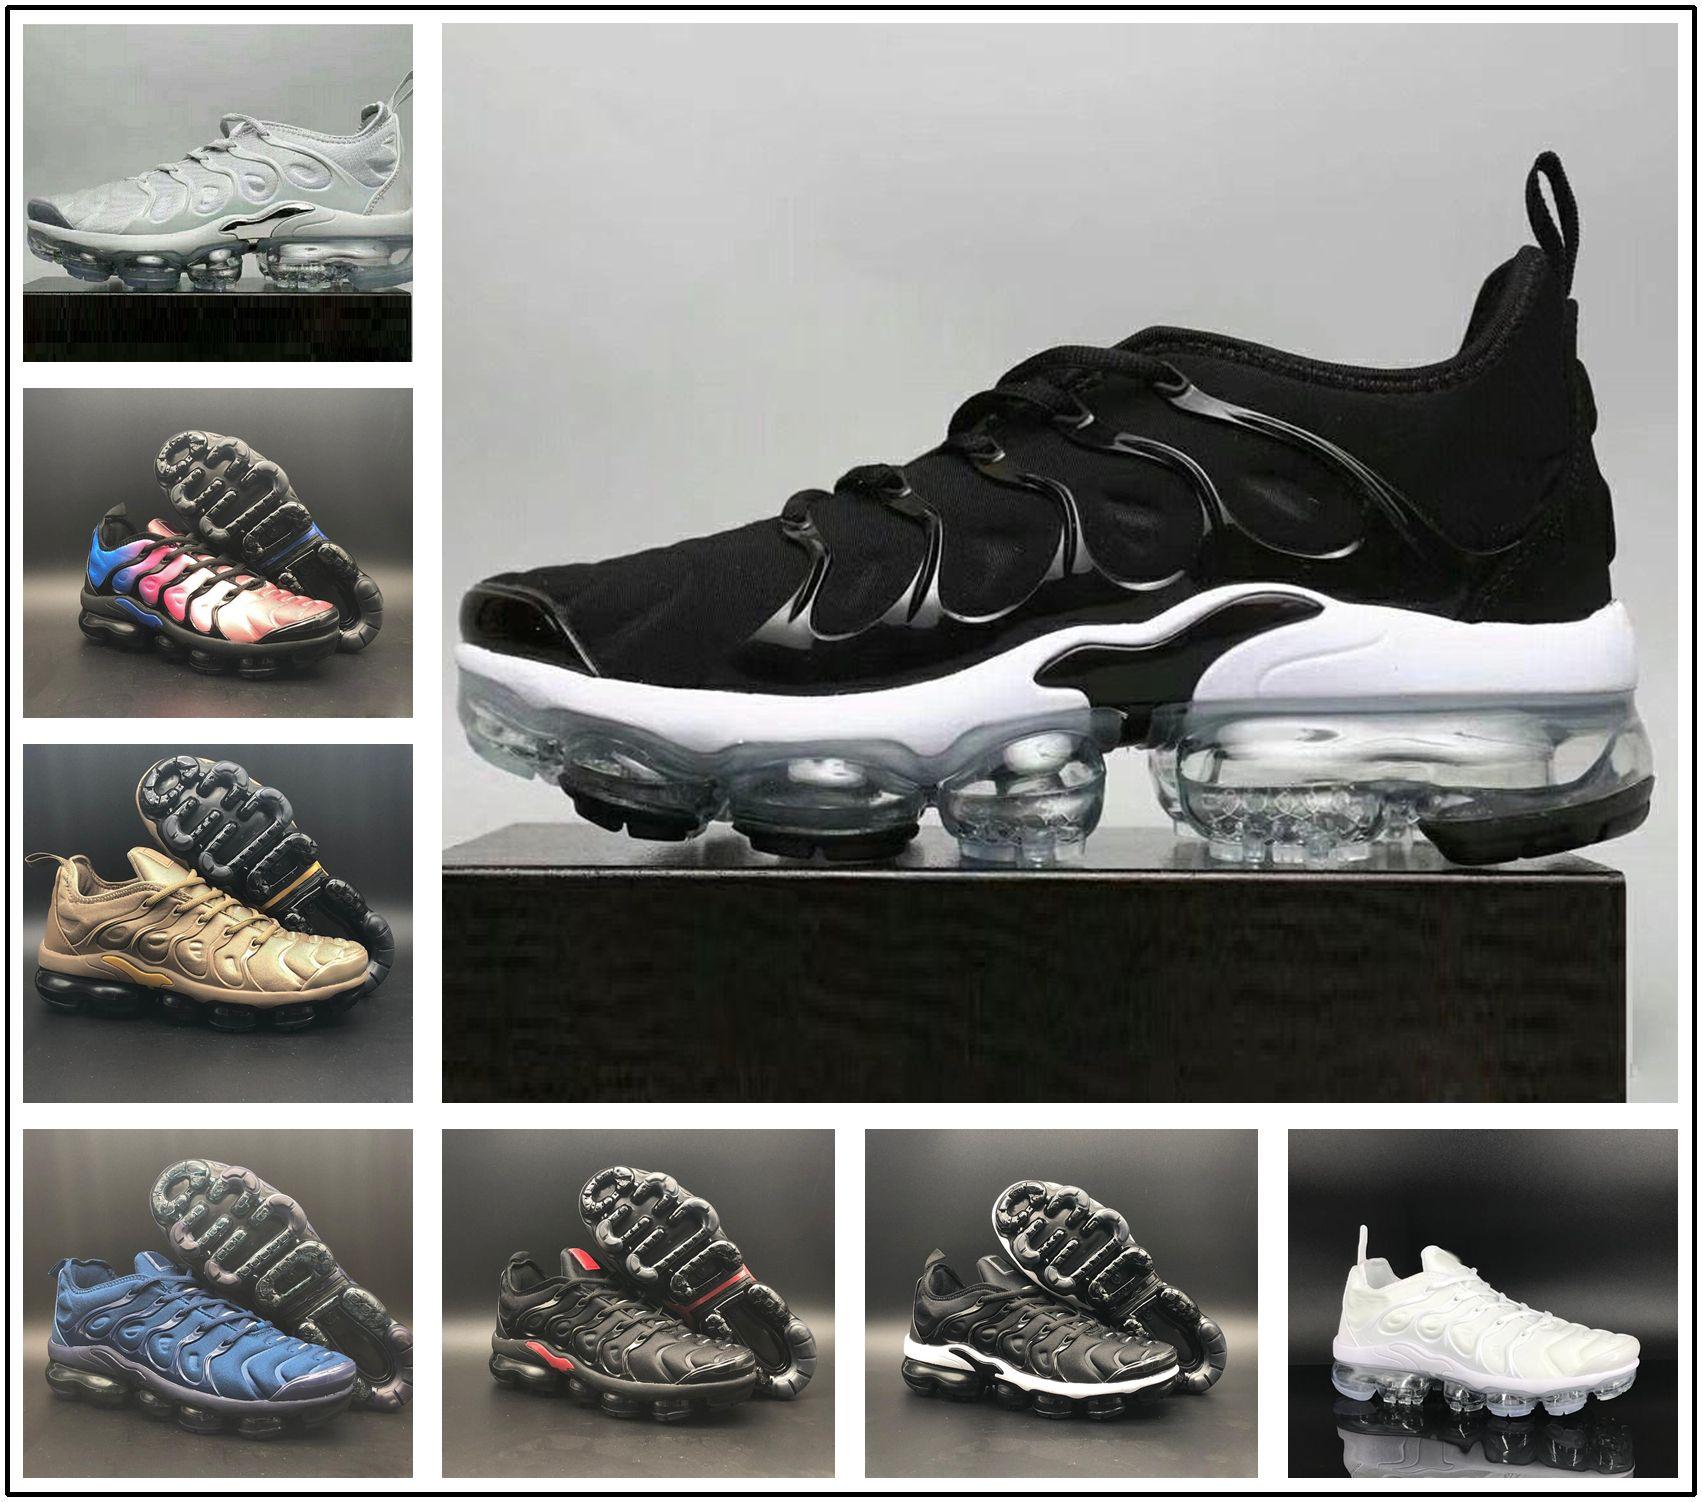 best service 8d6c8 db1dd Acheter Nike TN Plus Vapormax Air Max Airmax 2018 New Célèbre Plus TN Ultra  Femmes Hommes Sport Athlétique Chaussures De Course Chaussures De Sport  Sneaker ...